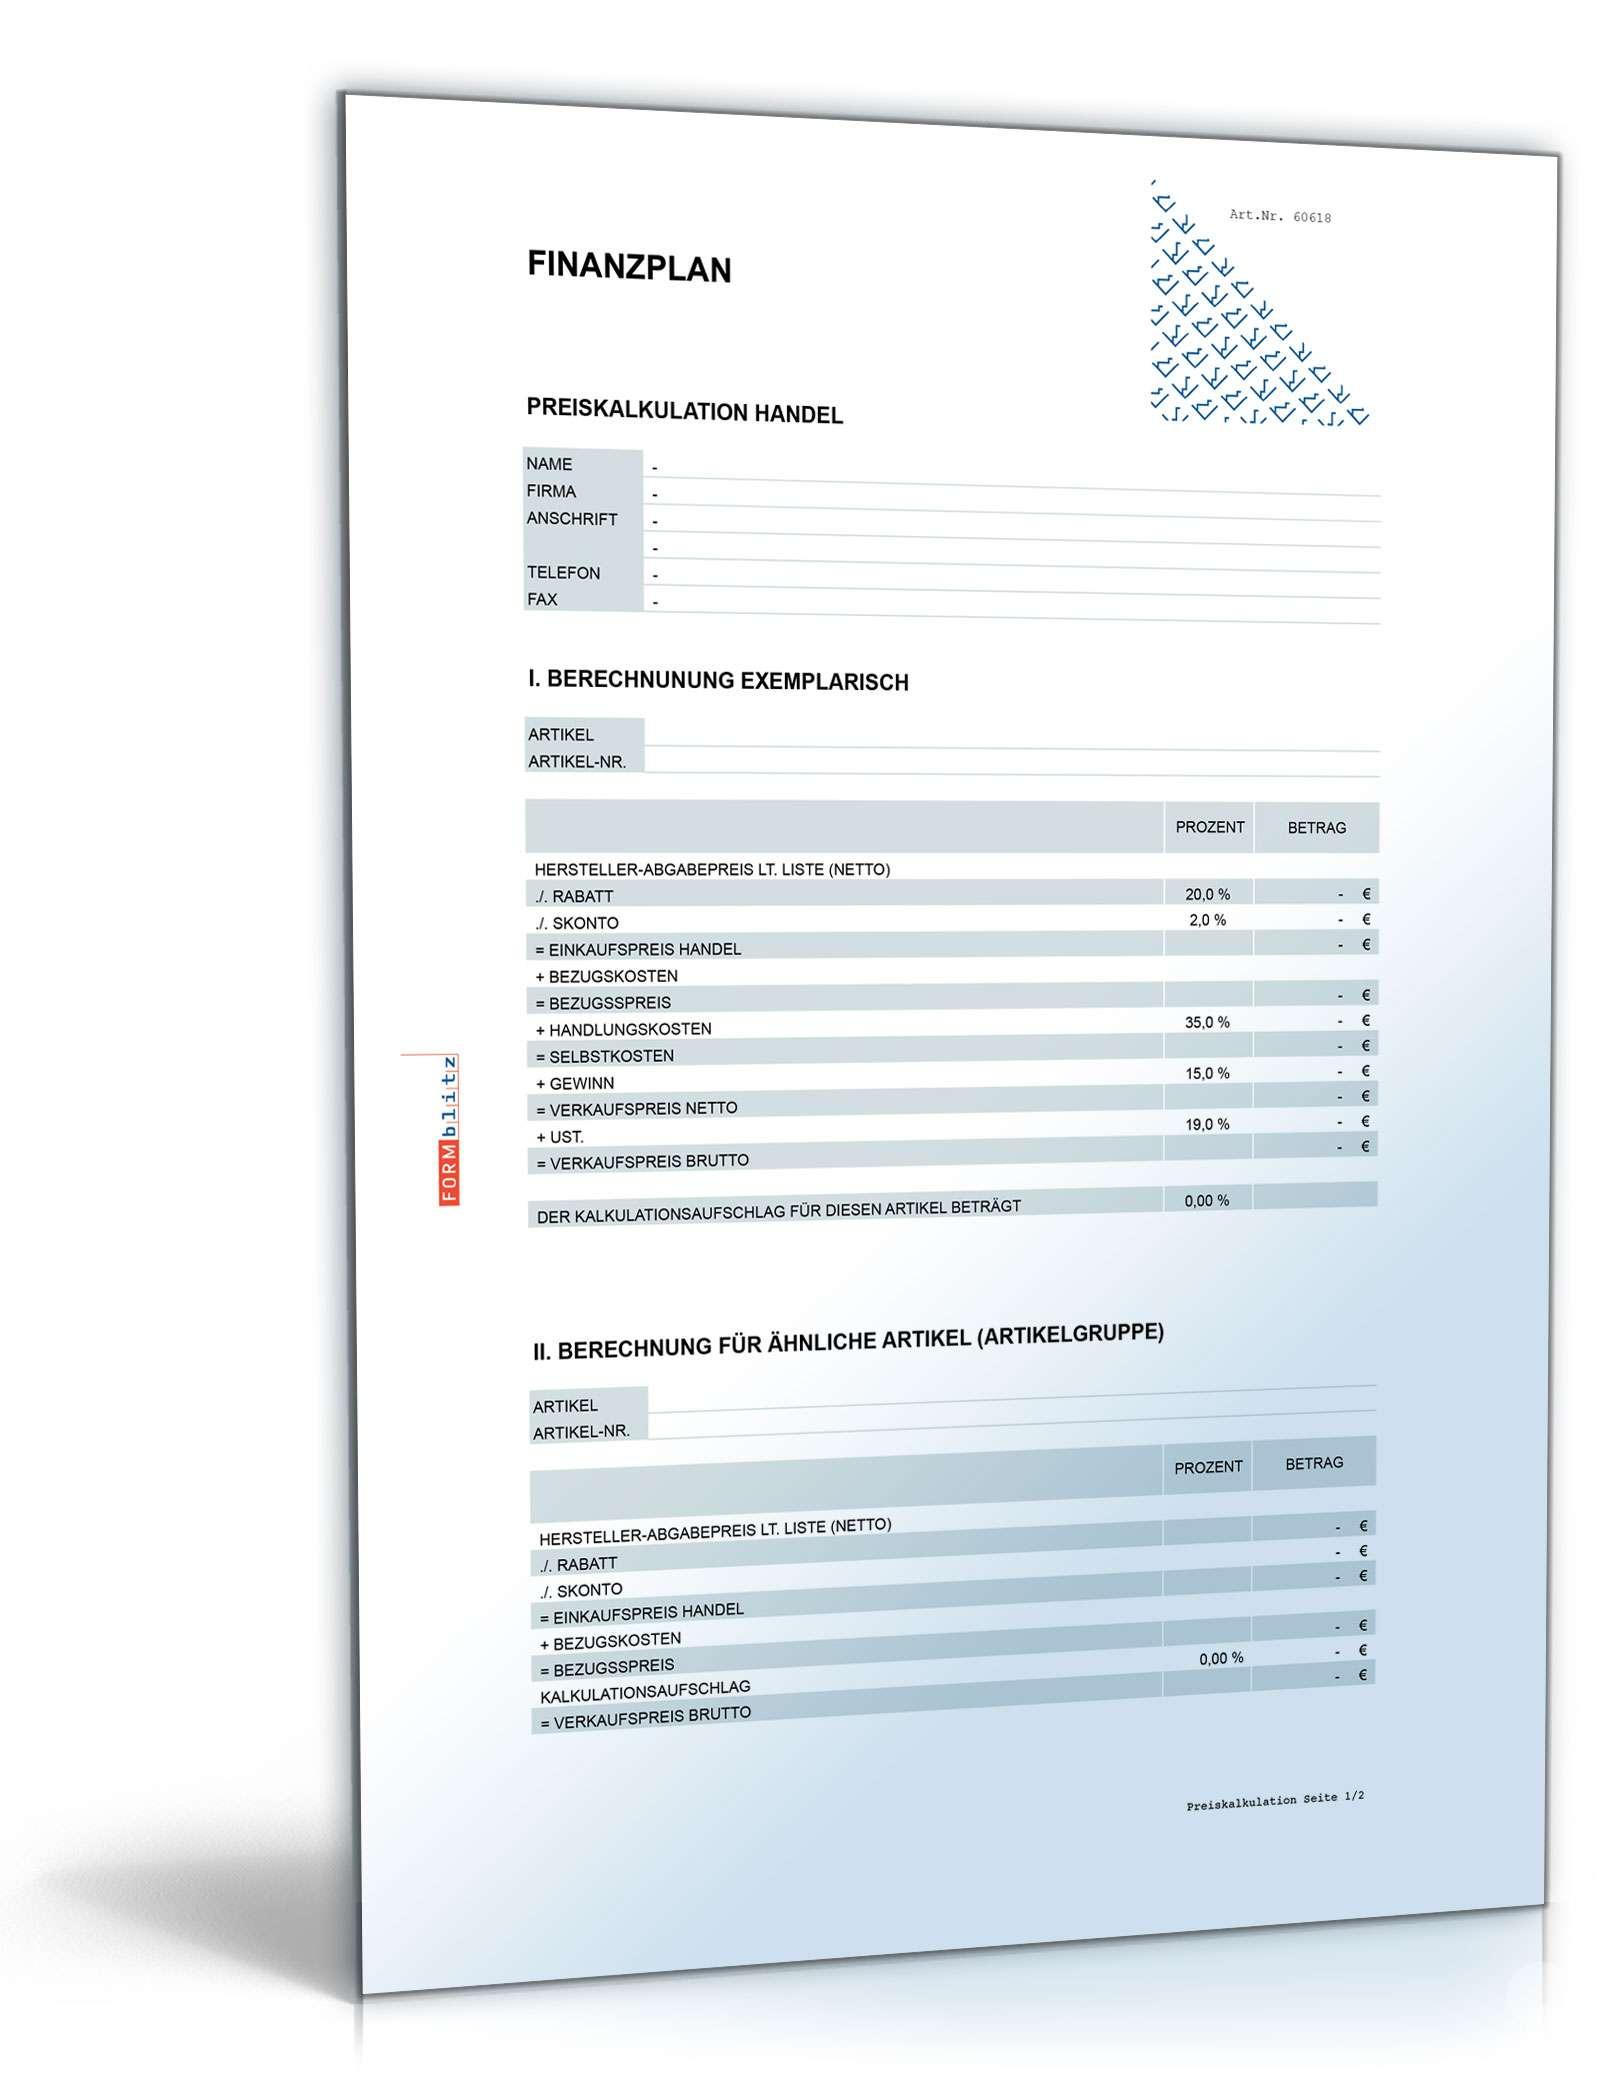 Finanzplan: Muster zum Download als ausgeformeltes XLS